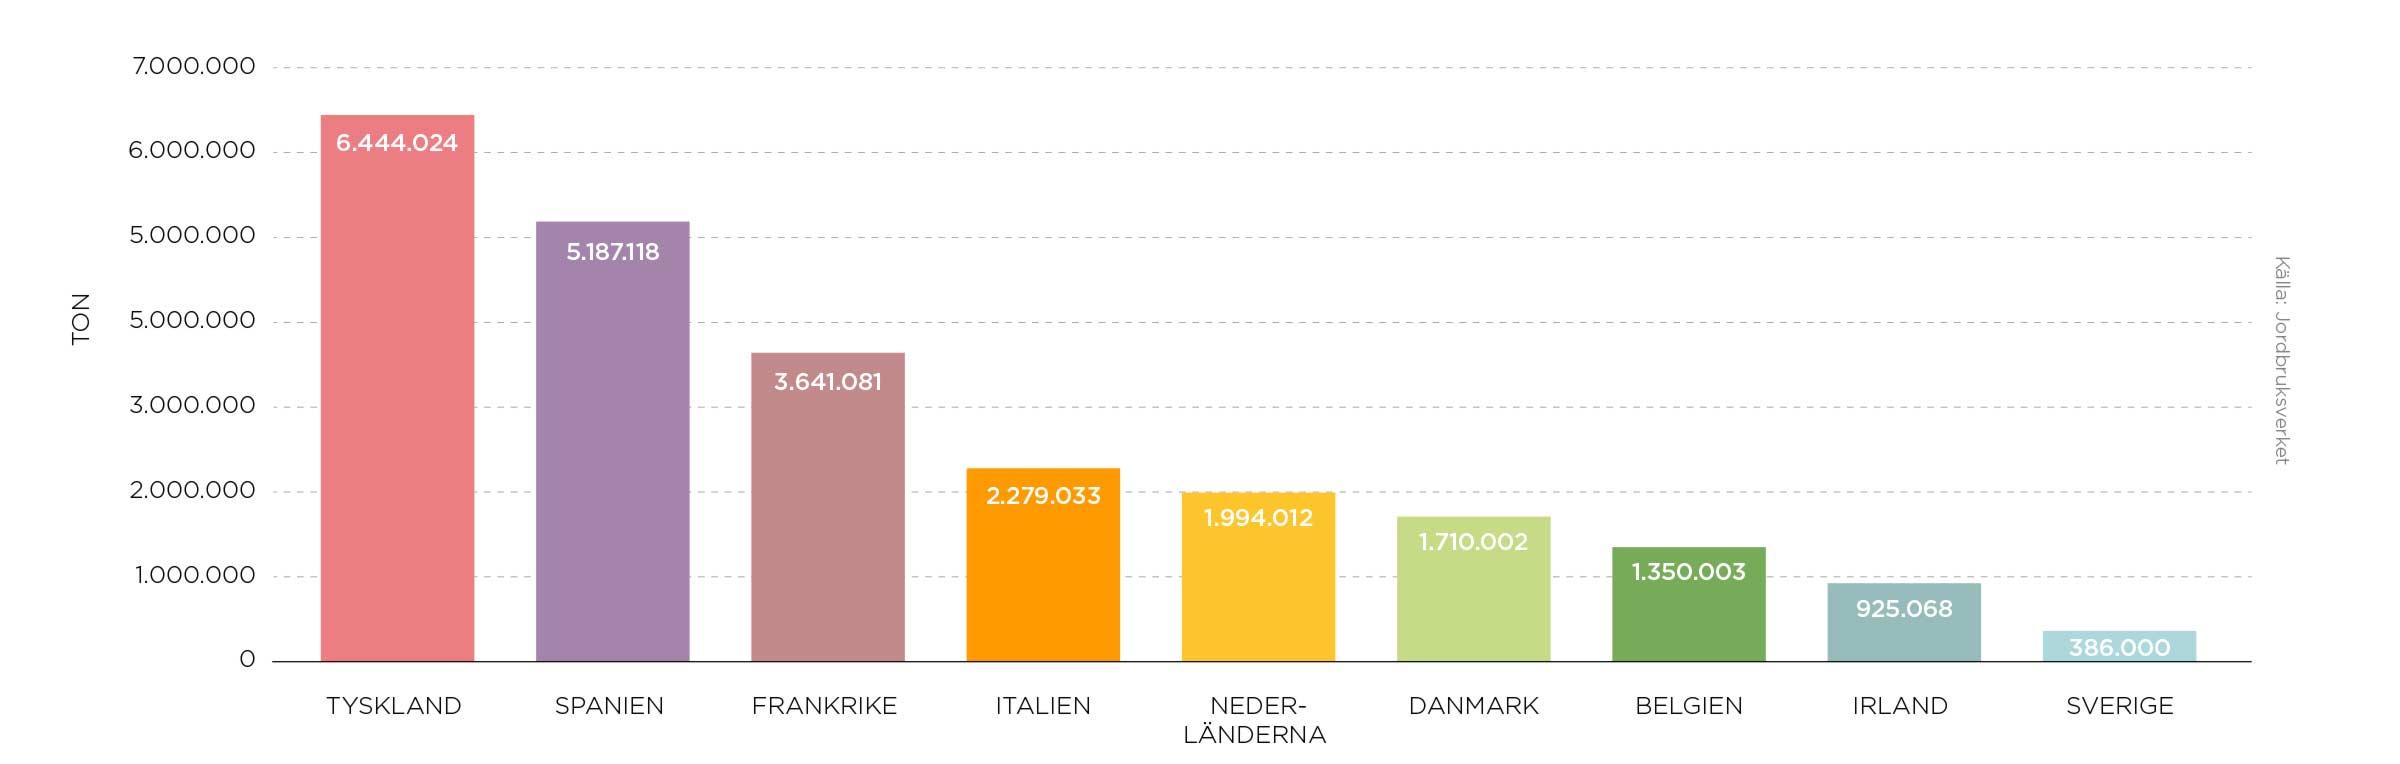 Så här mycket kött producerades inom EU under 2018